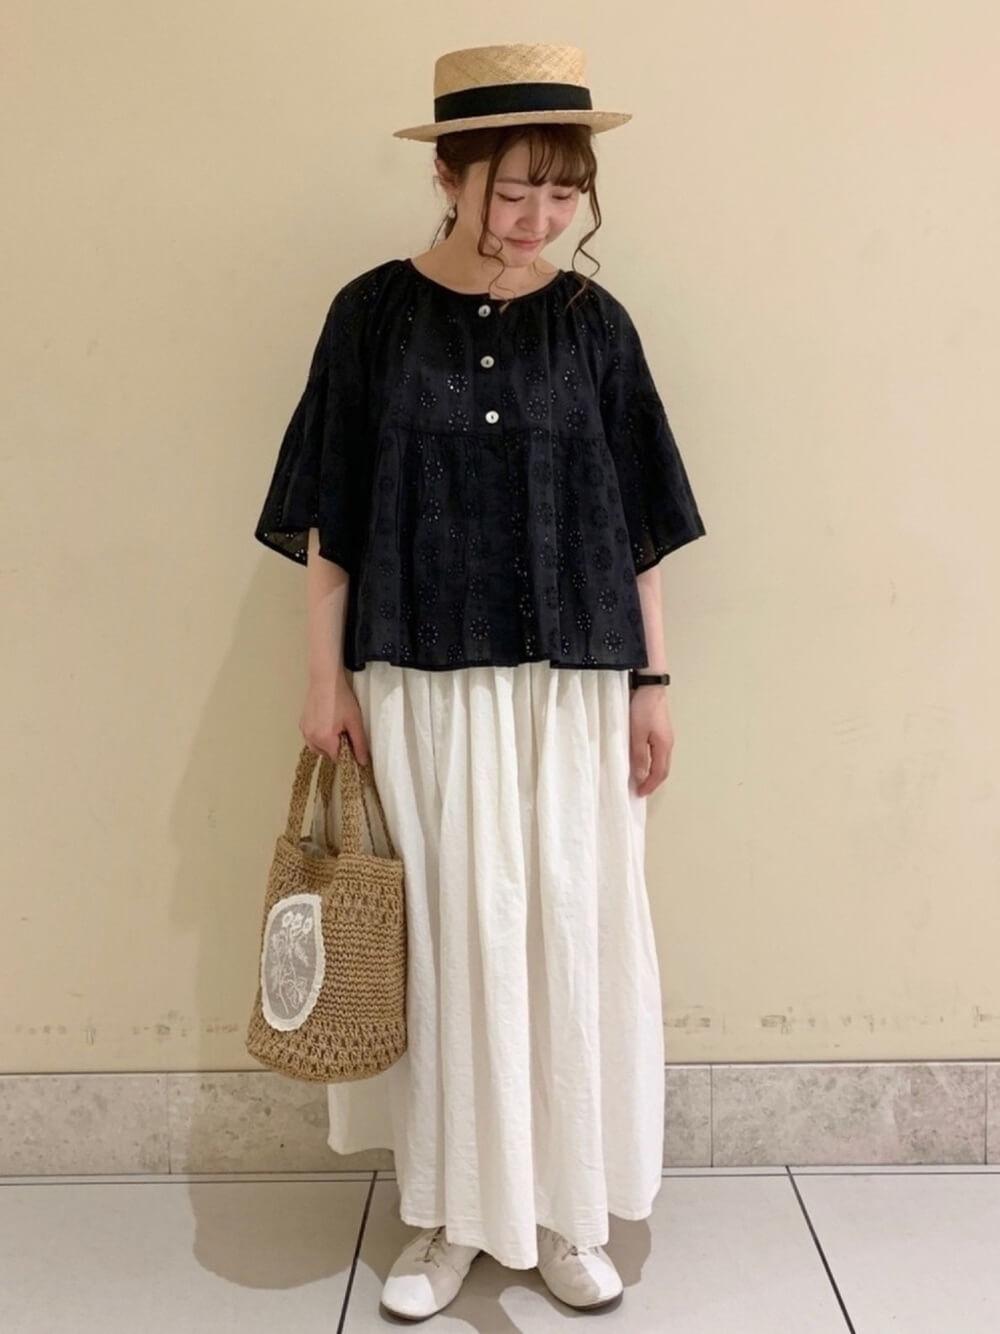 カンカン帽×黒のブラウス×白のスカート×白のローファー